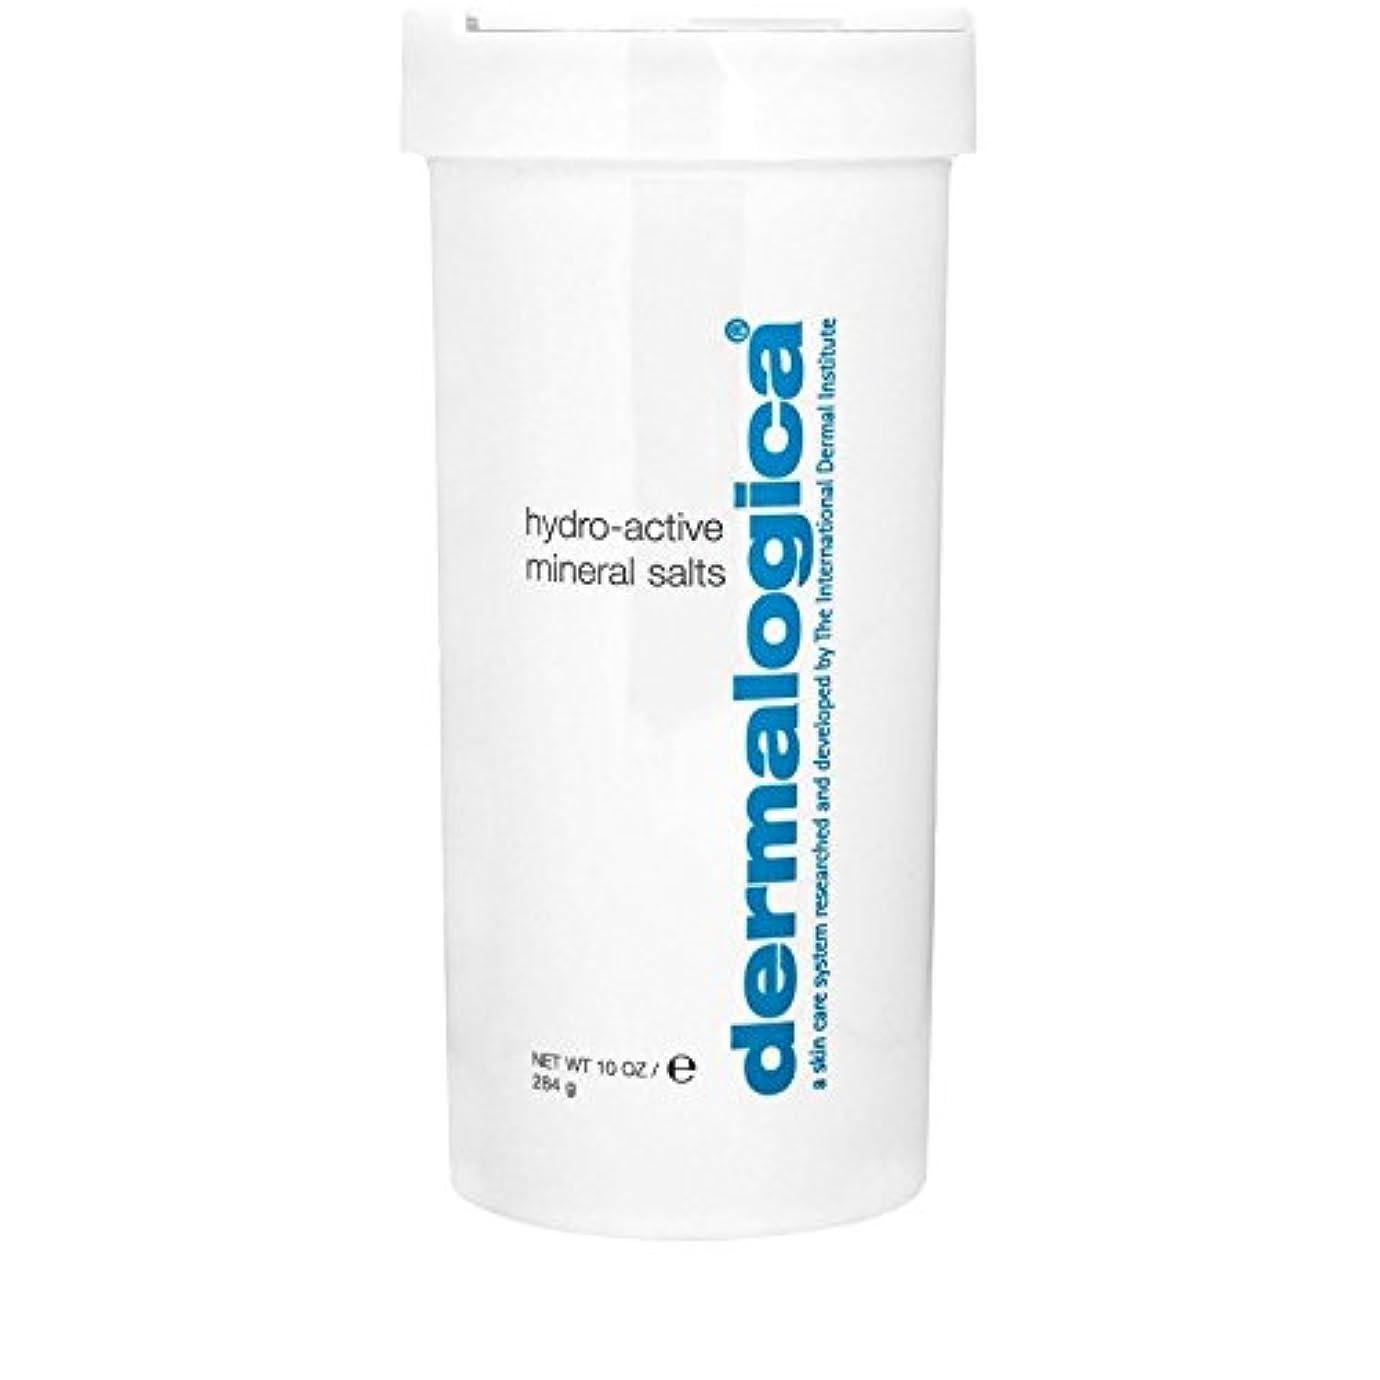 突然のラジカルリフトDermalogica Hydro Active Mineral Salt 284g (Pack of 6) - ダーマロジカ水力アクティブミネラル塩284グラム x6 [並行輸入品]